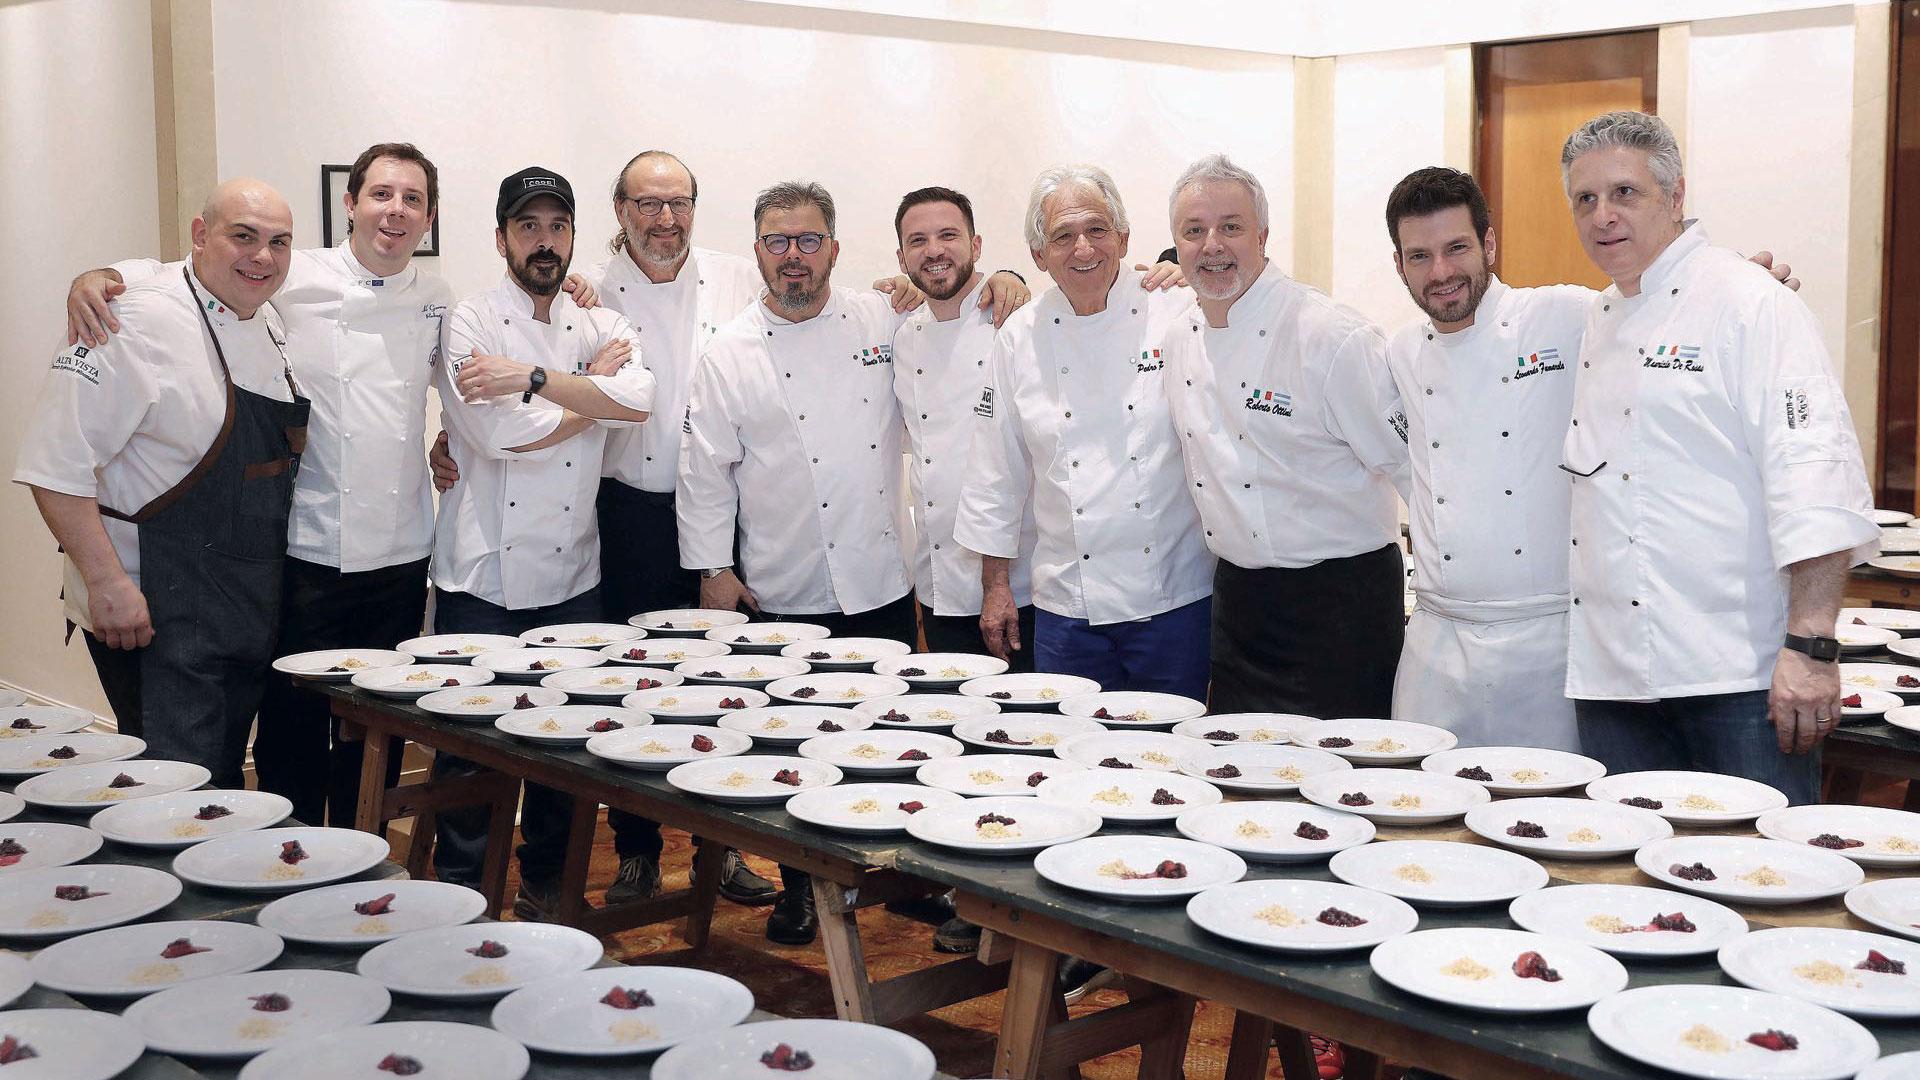 Las fotos de la gala organizada por Donato di Santis y los chefs italianos  más reconocidos - Infobae